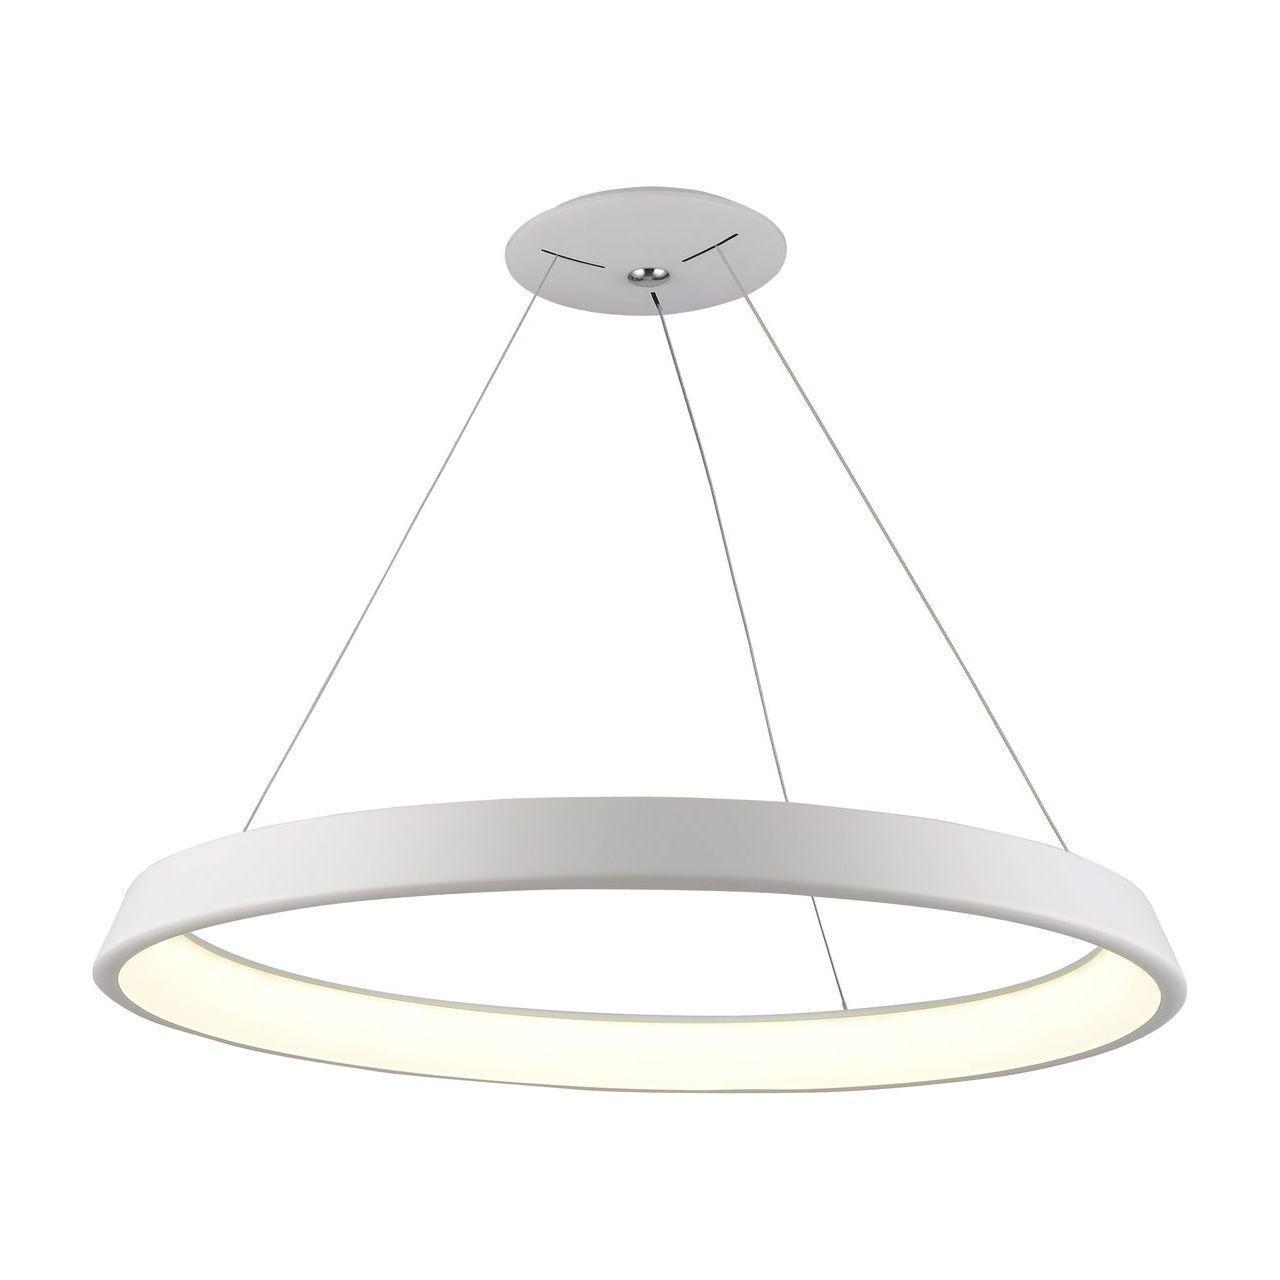 Подвесной светодиодный светильник Arte Lamp A6280SP-1WH подвесной светодиодный светильник arte lamp 41 a9308sp 1wh